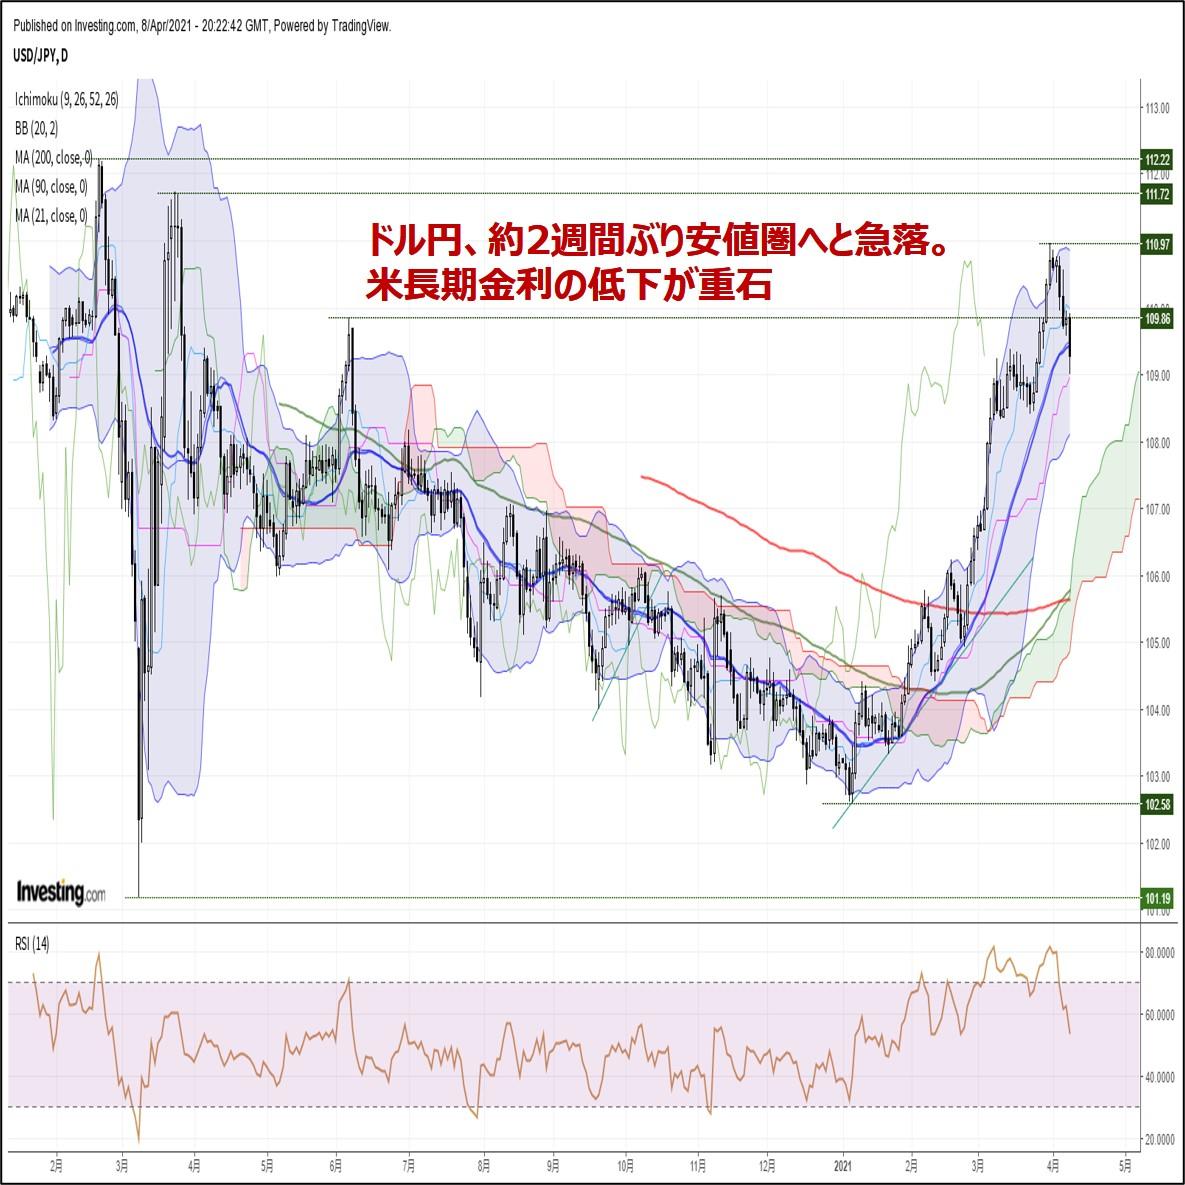 ドル円、約2週間ぶり安値圏へと急落。米長期金利の低下が重石(4/9朝)